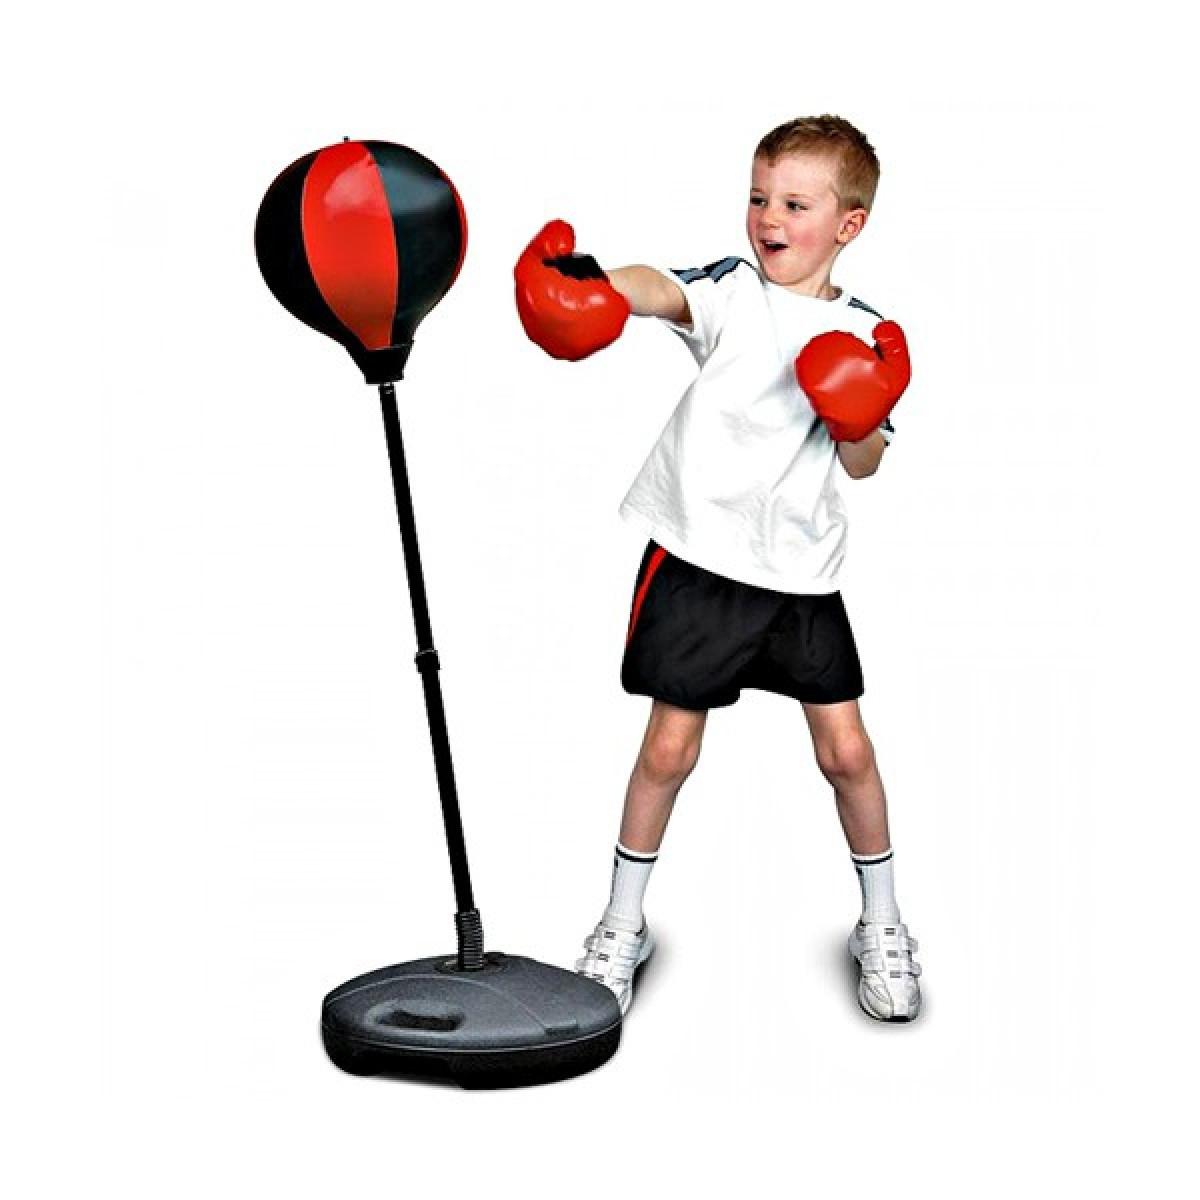 Боксерский набор MS 0331 на металлической стойке. Перчатки, груша, стойка. Есть разные размеры